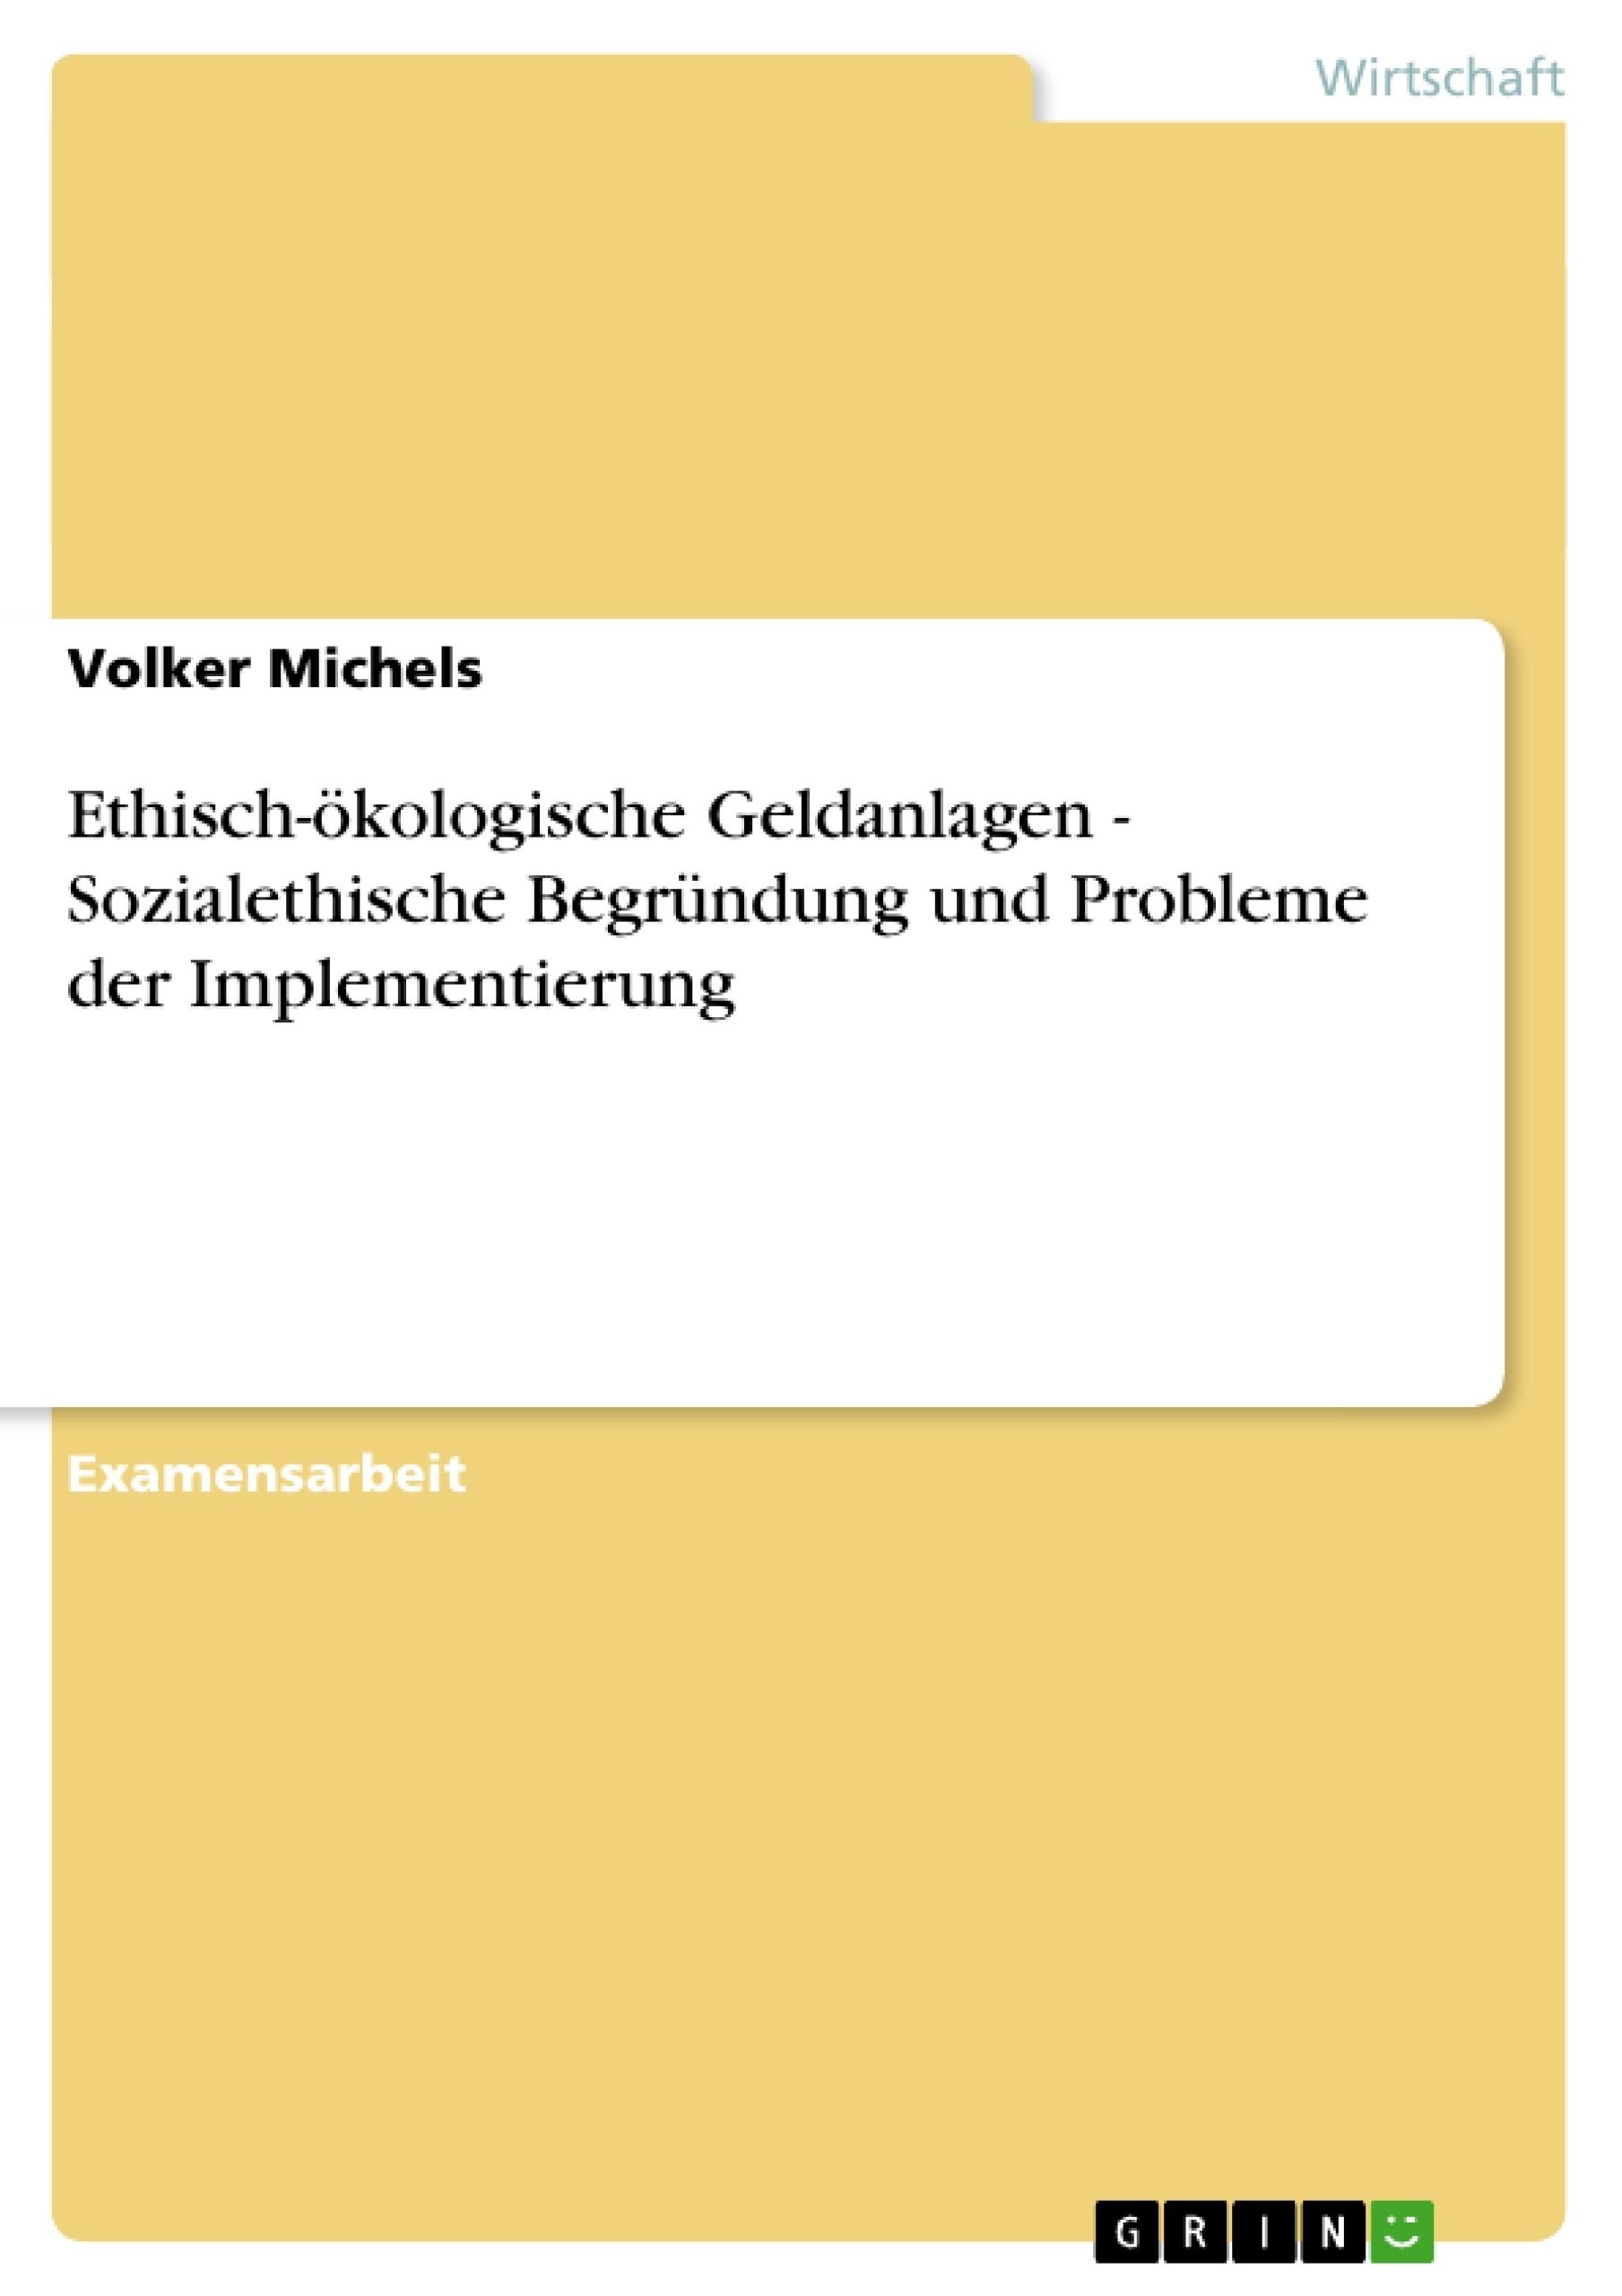 Titel: Ethisch-ökologische Geldanlagen - Sozialethische Begründung und Probleme der Implementierung